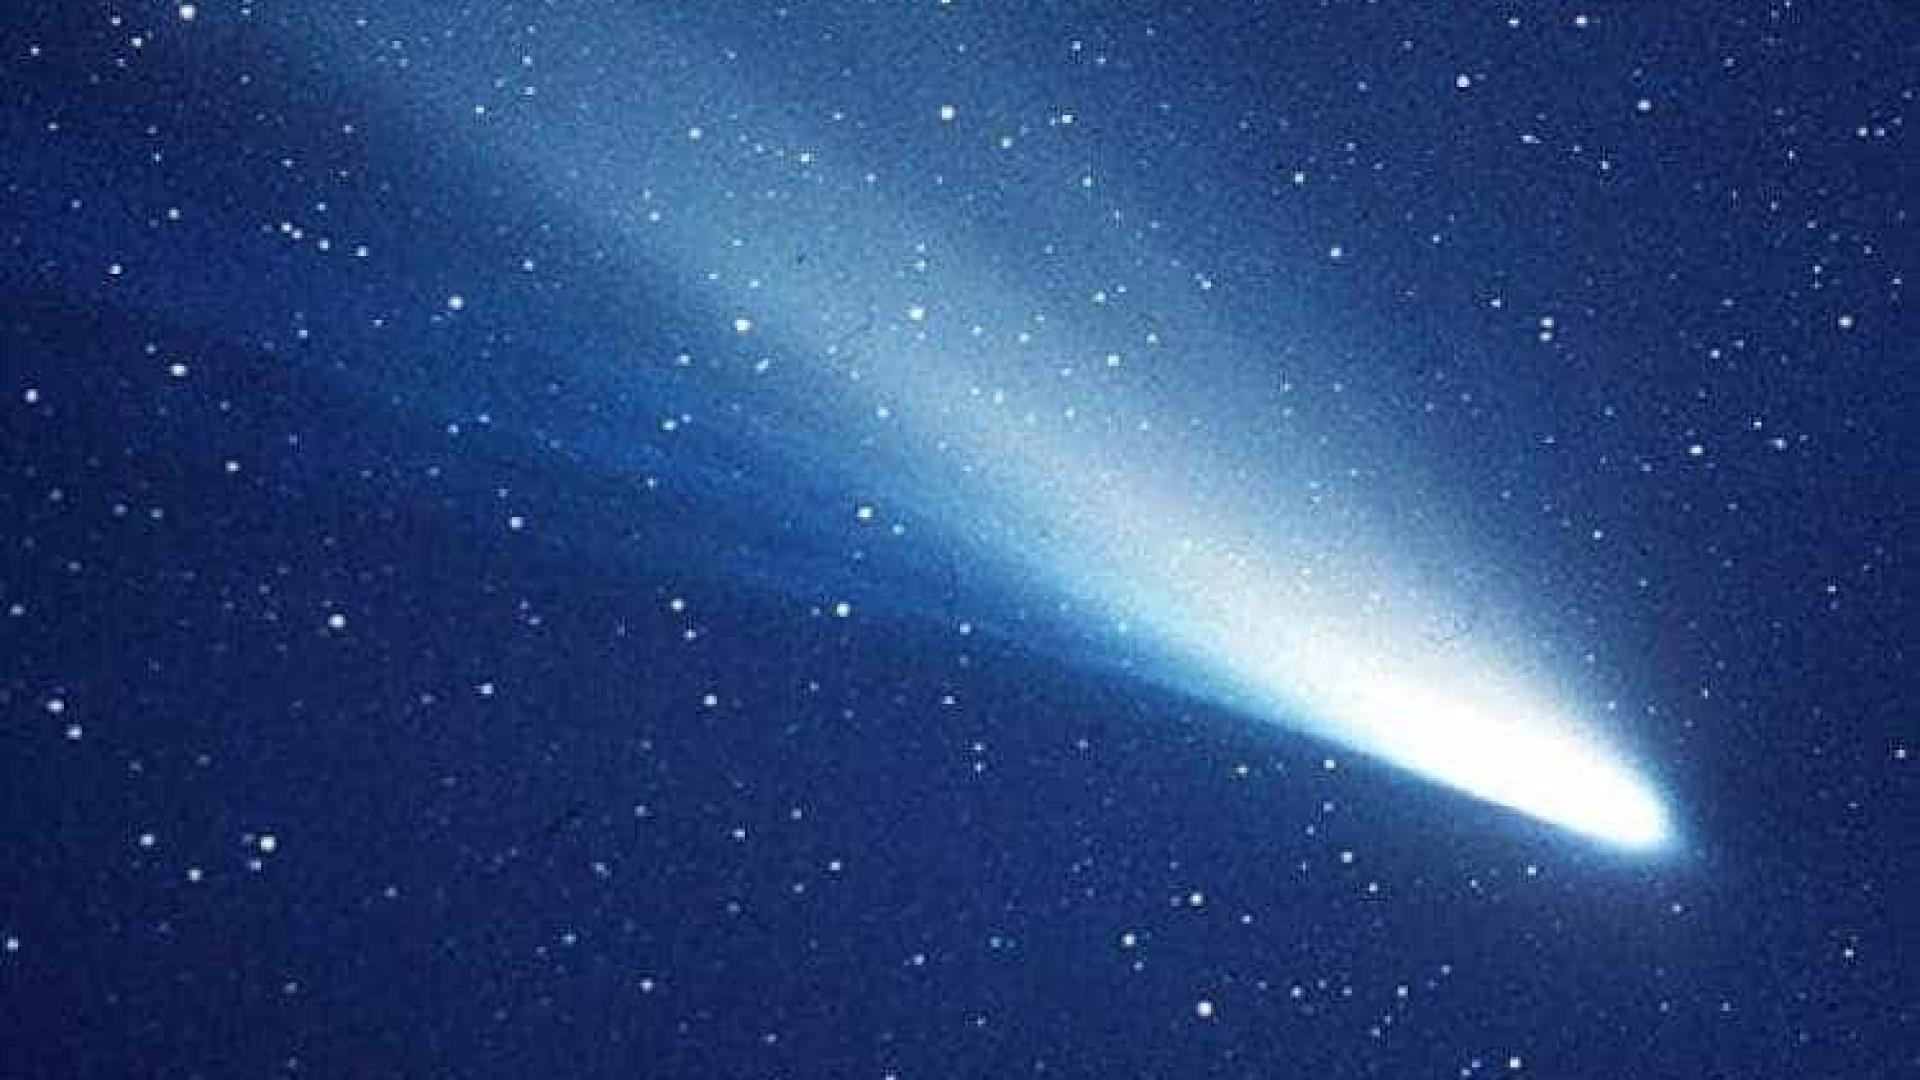 Passagem do cometa Halley encherá o céu de estrelas